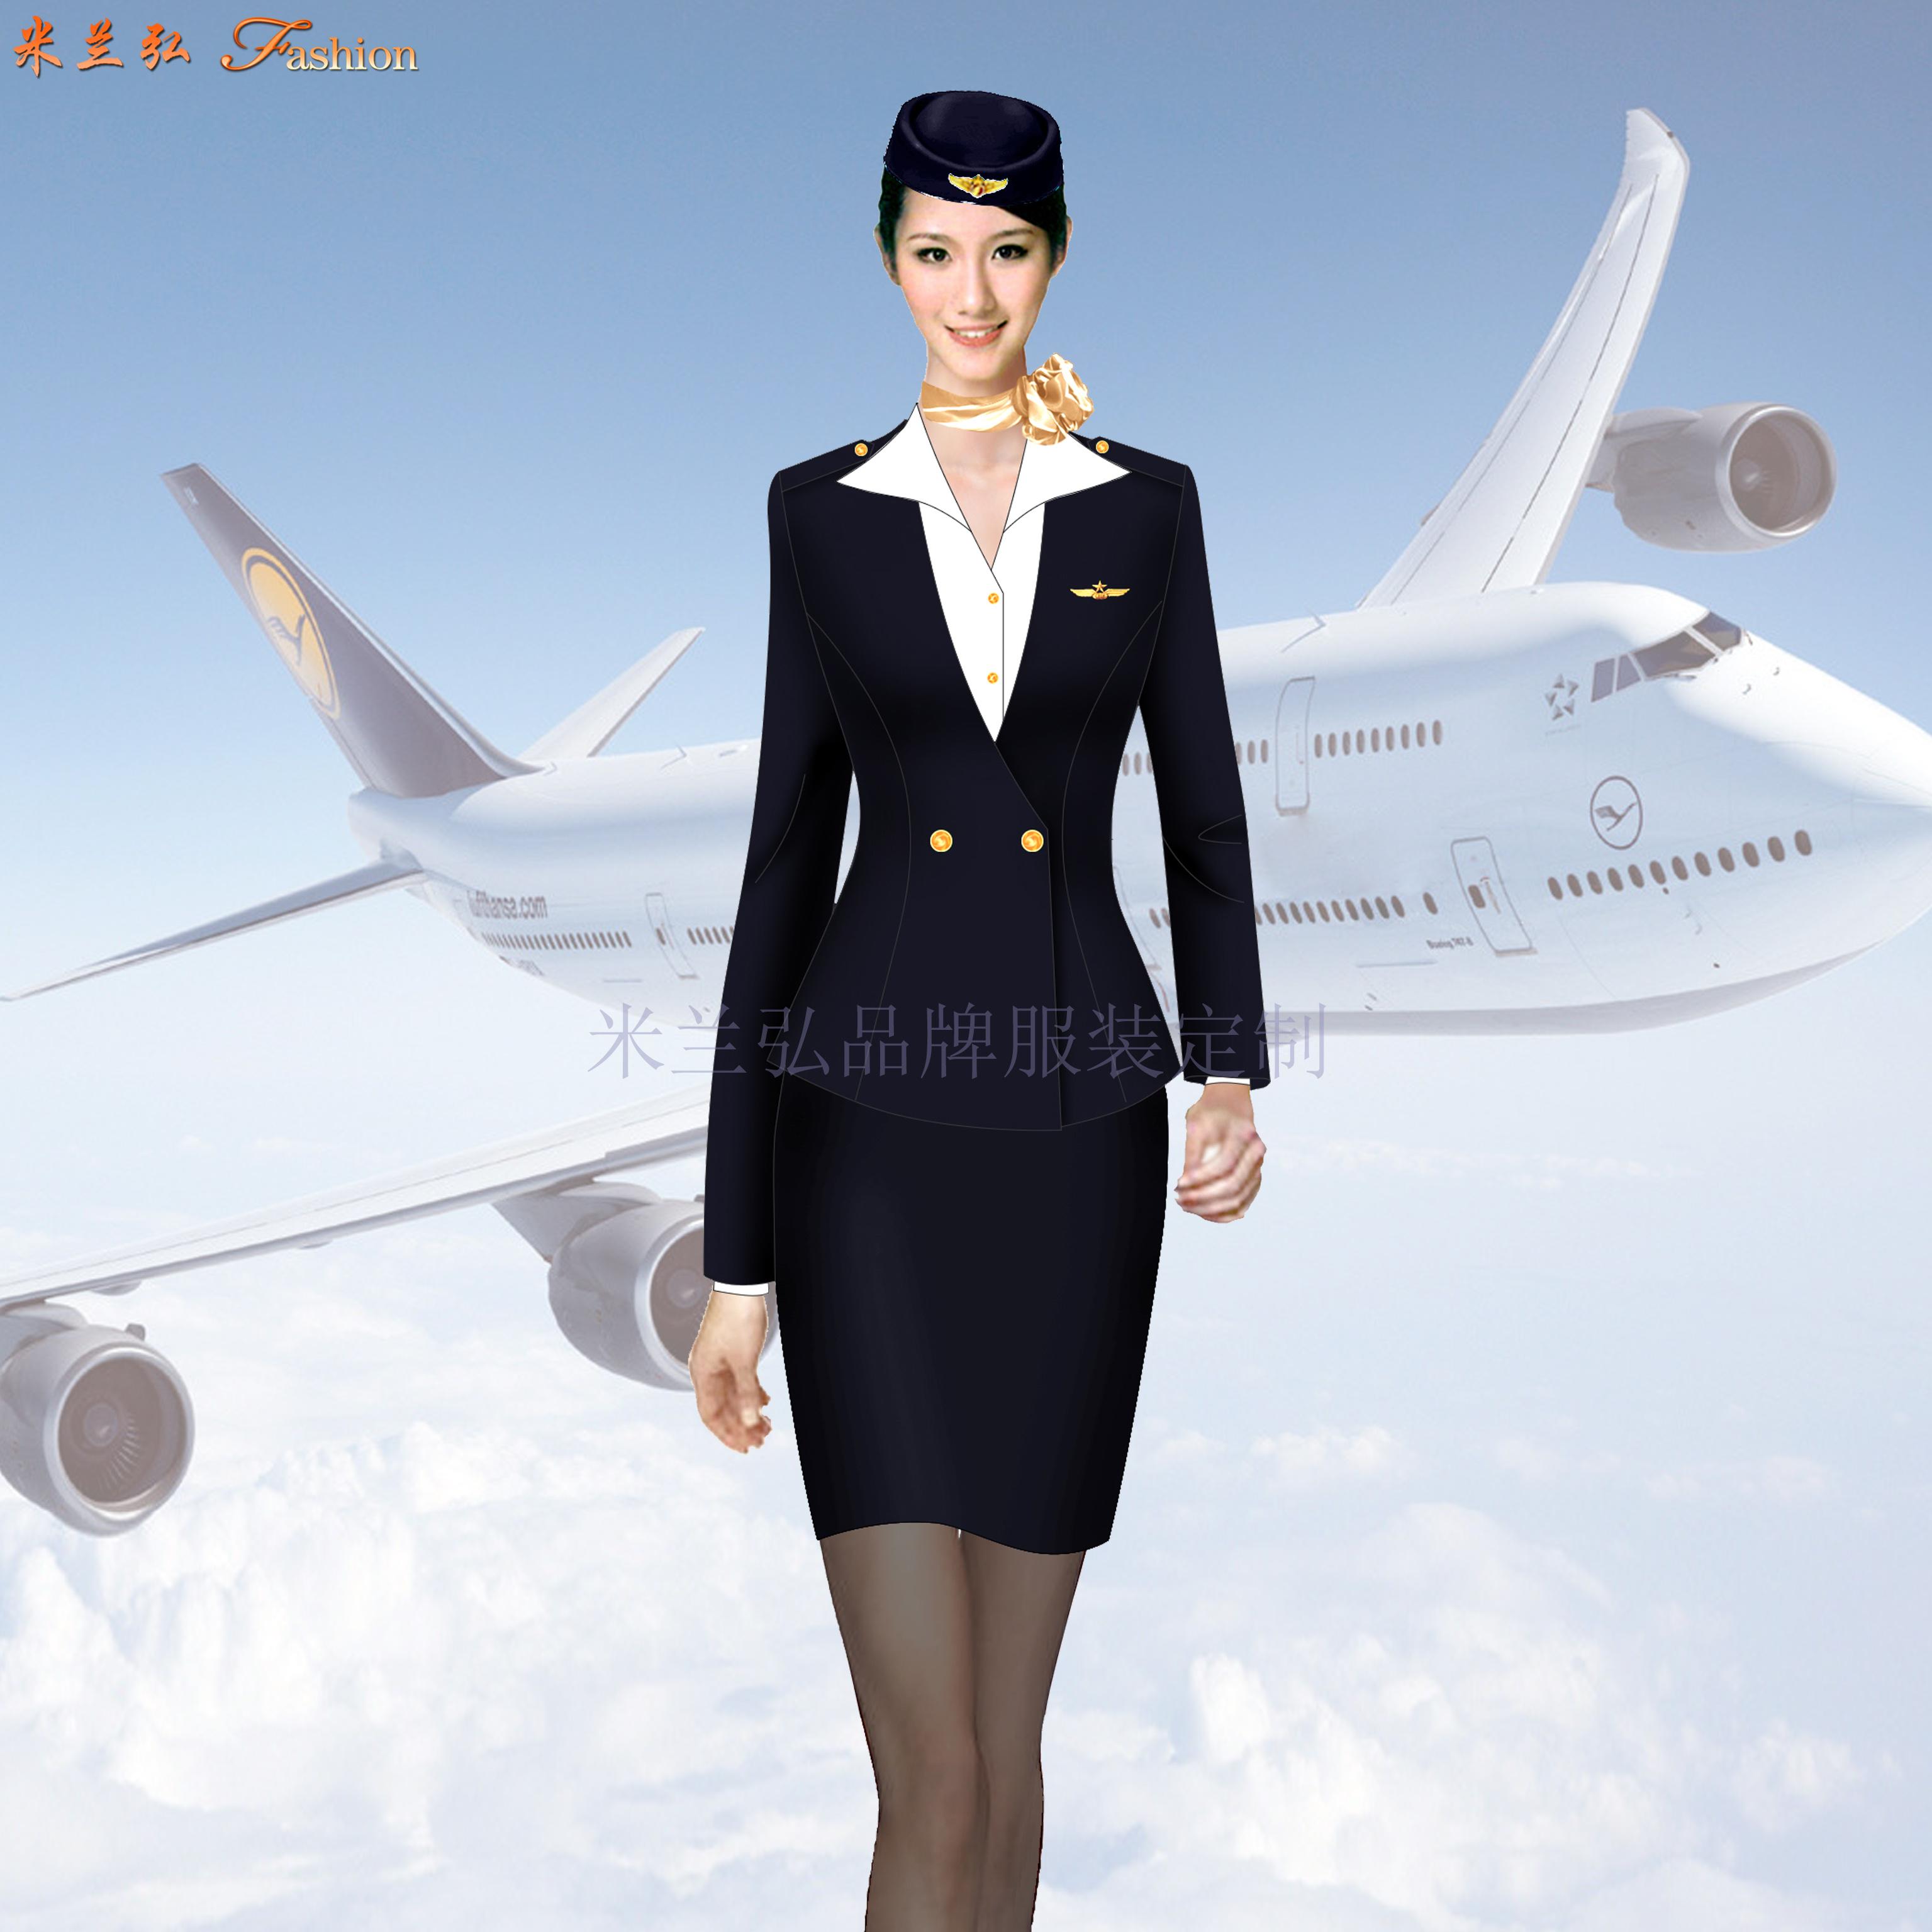 成都雙流國際機場服務人員職業工裝定做-米蘭弘服裝廠家-2